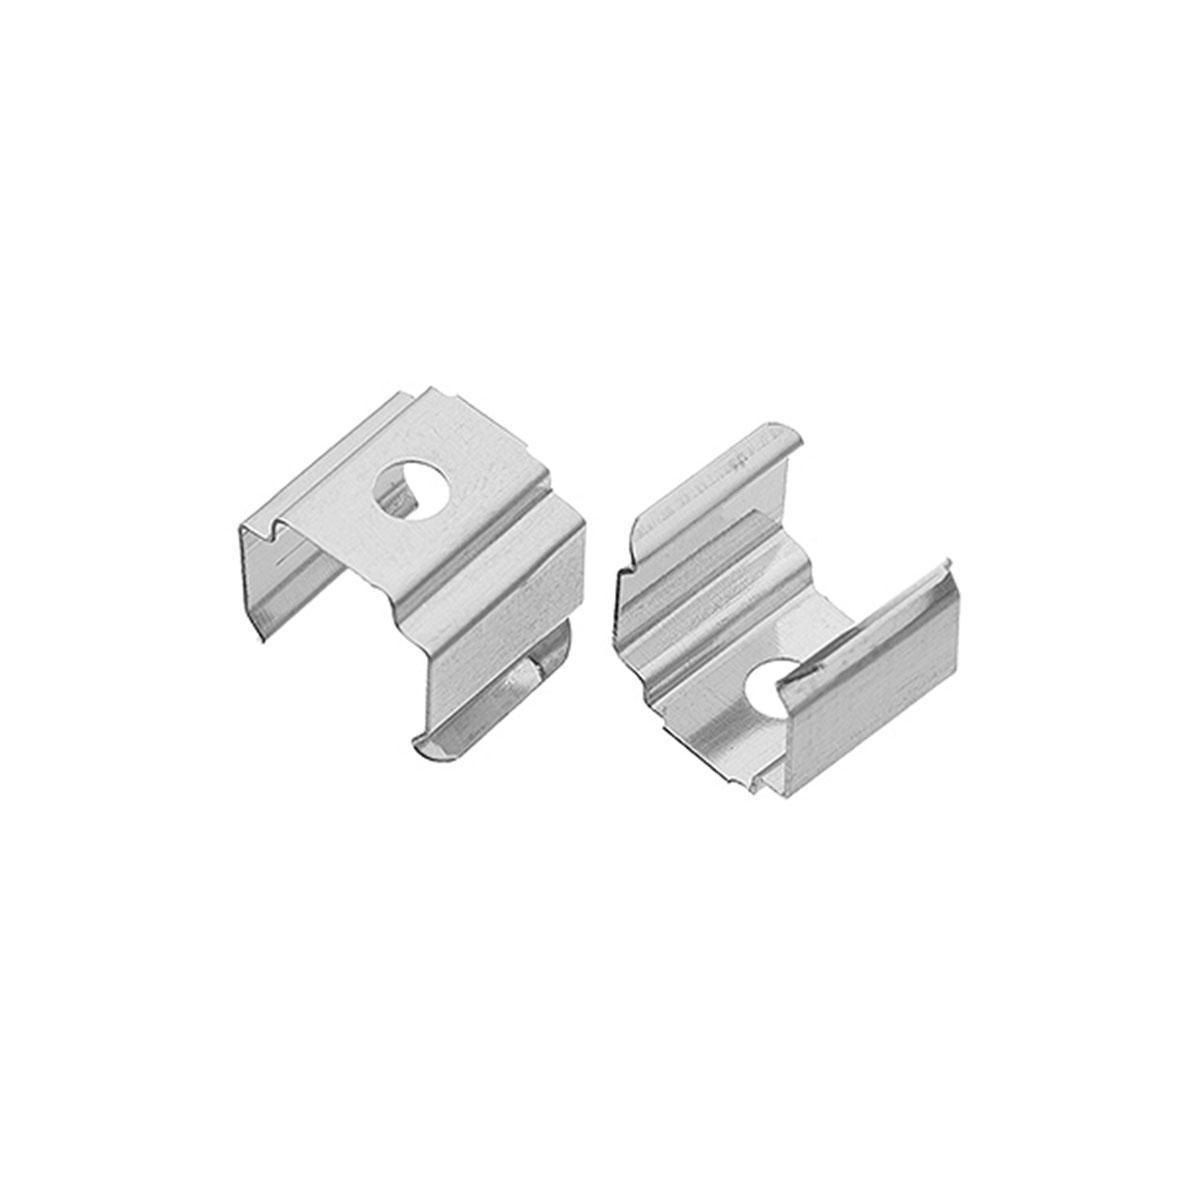 1 Paar Montageclips Halter für Aufbau U-Profil  14 x 7mm (4283)